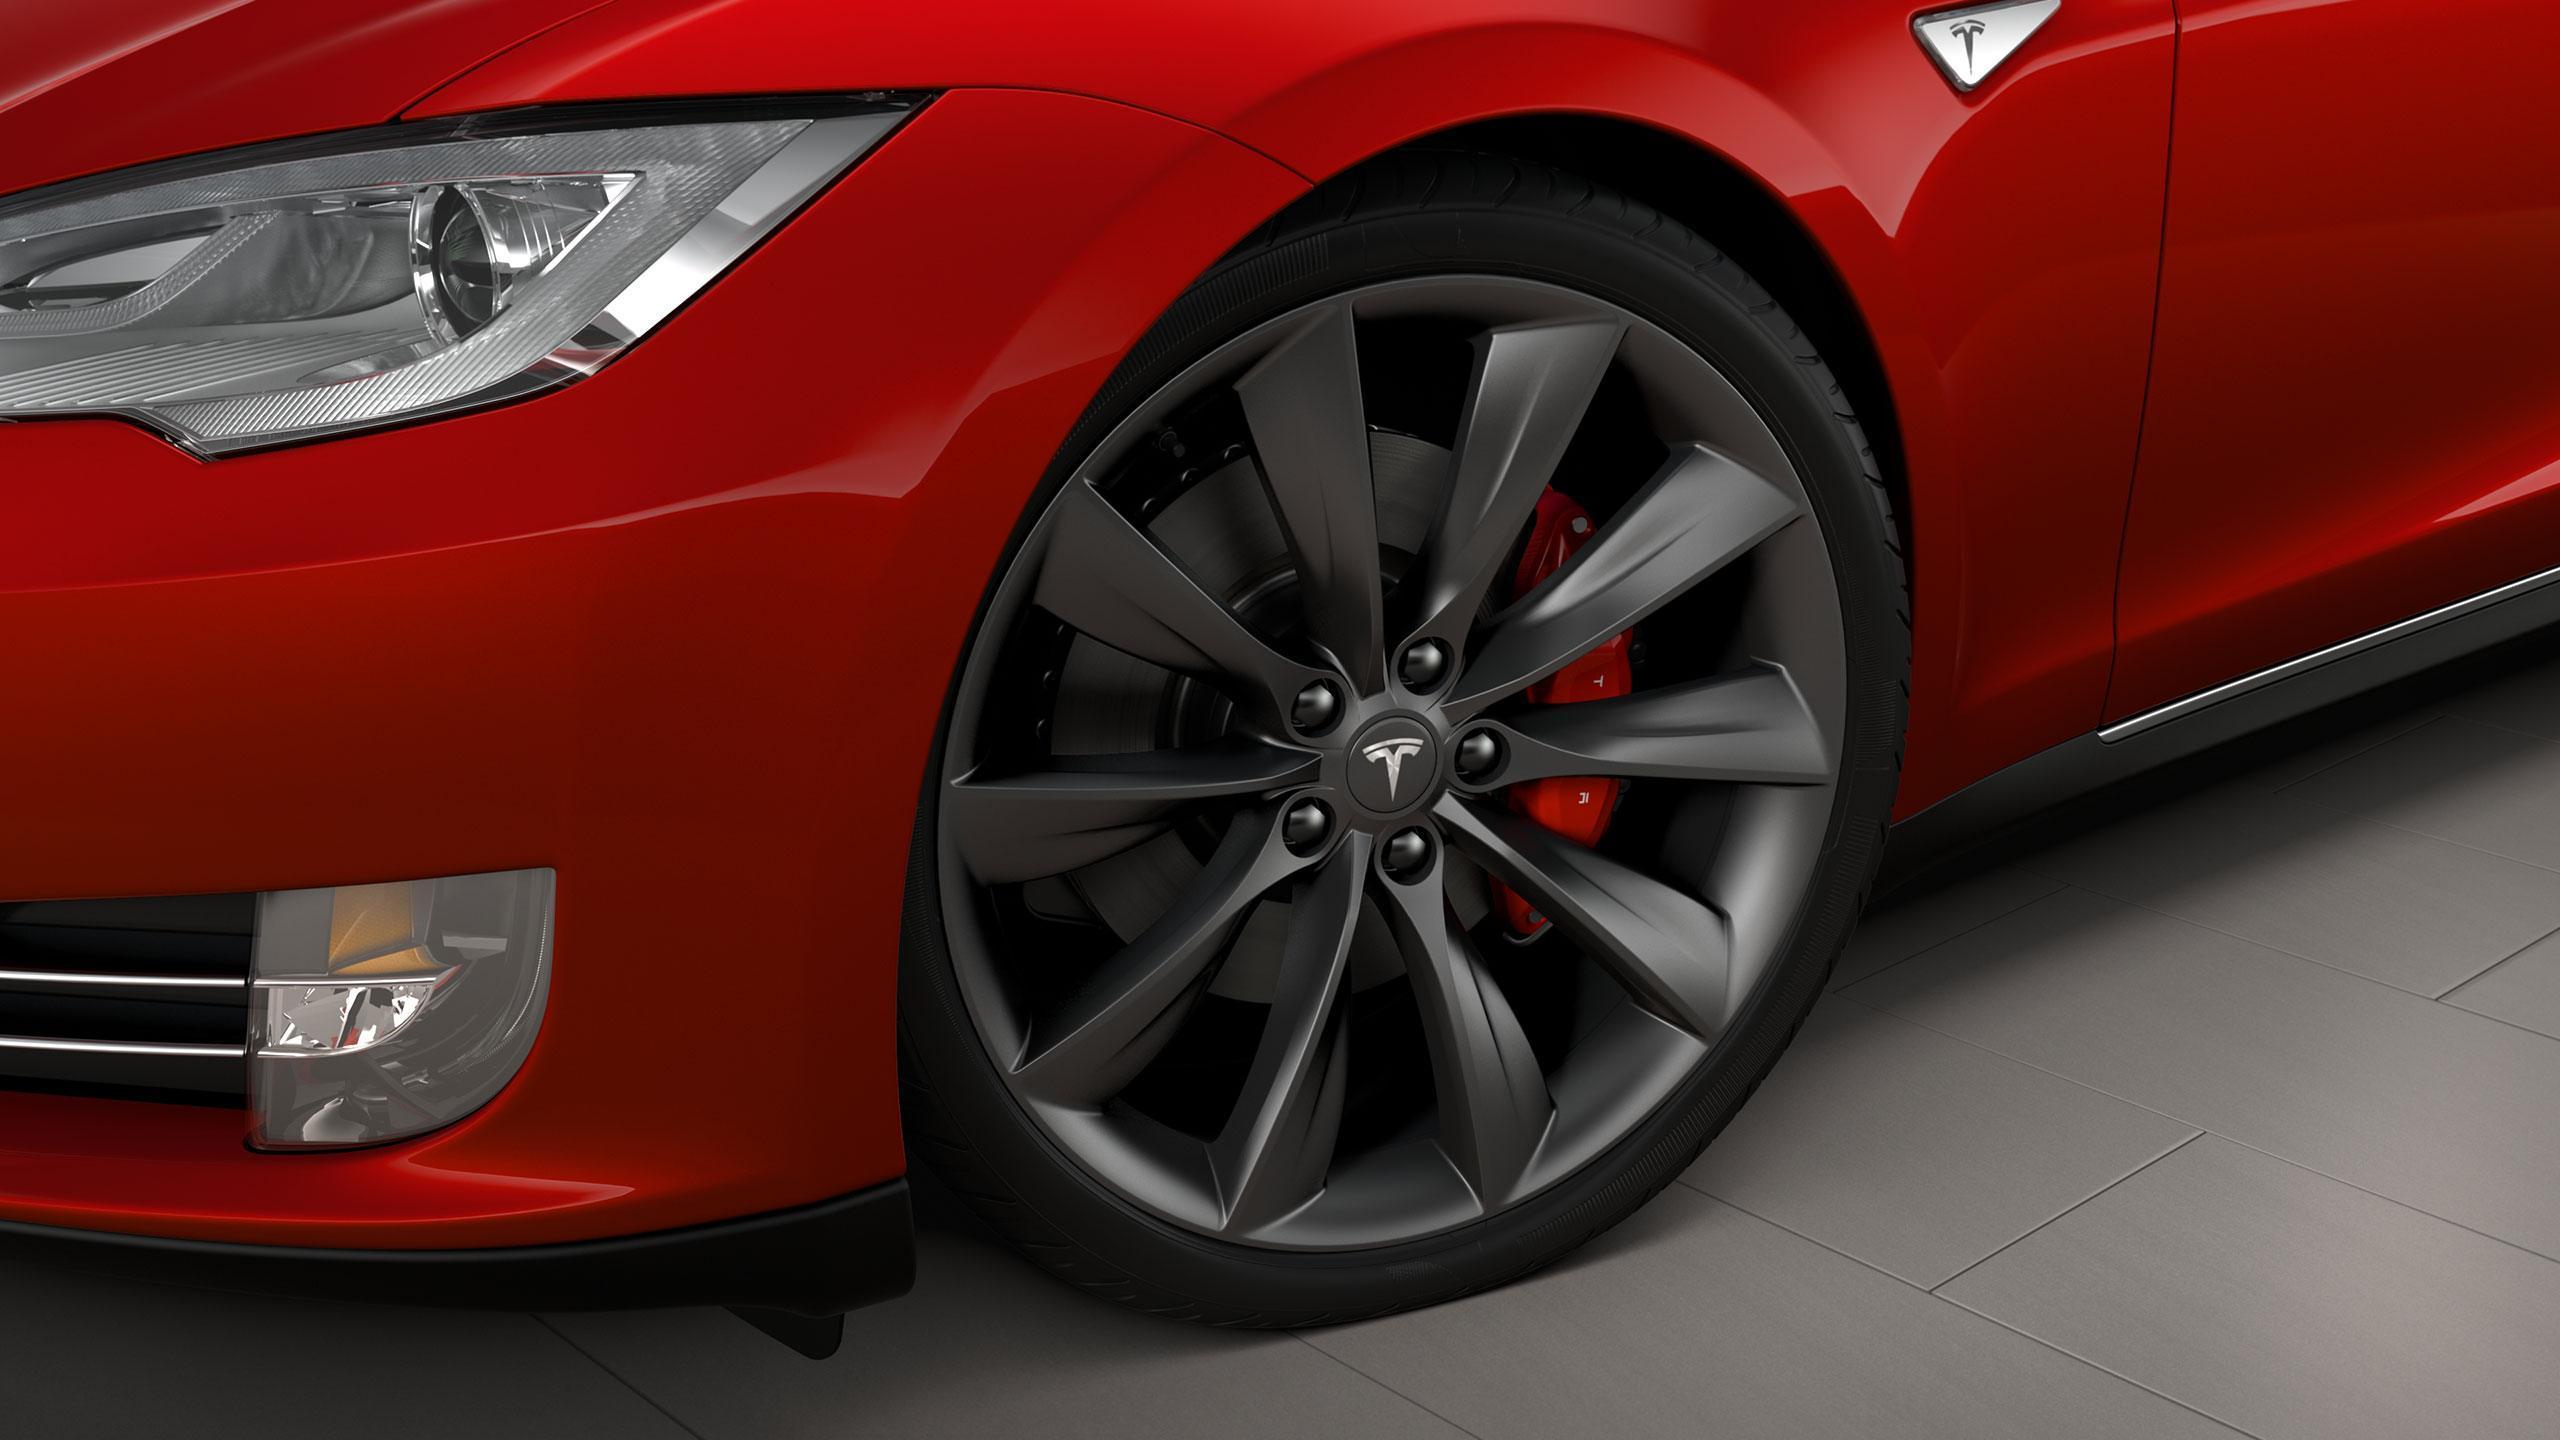 Elon Musk i Tesla chcą znowu zadziwić świat. Ale tym razem nie chodzi o samochód